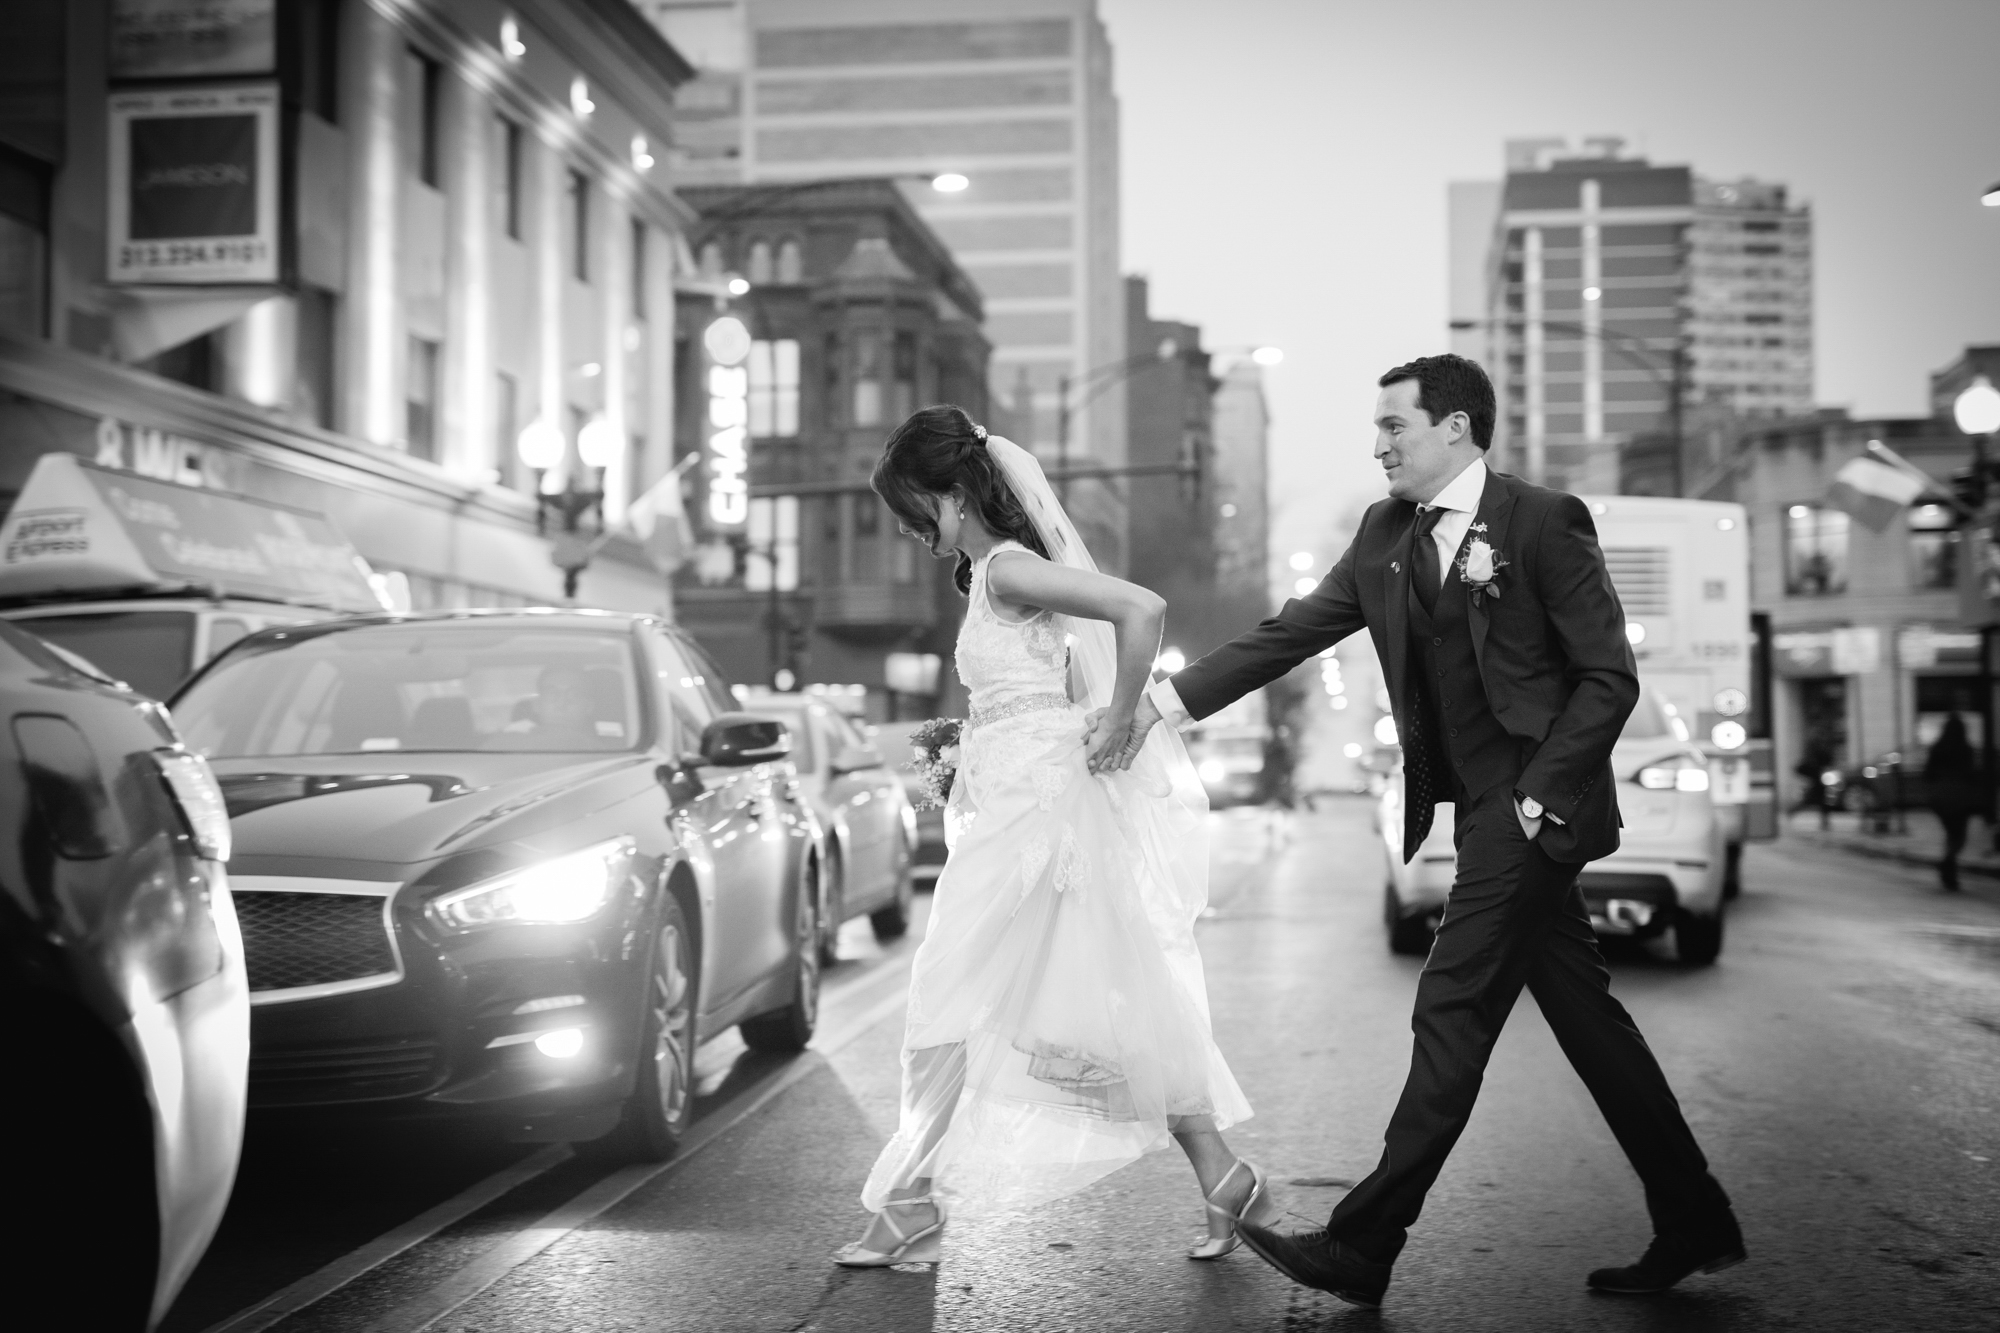 wedding photographyChicago